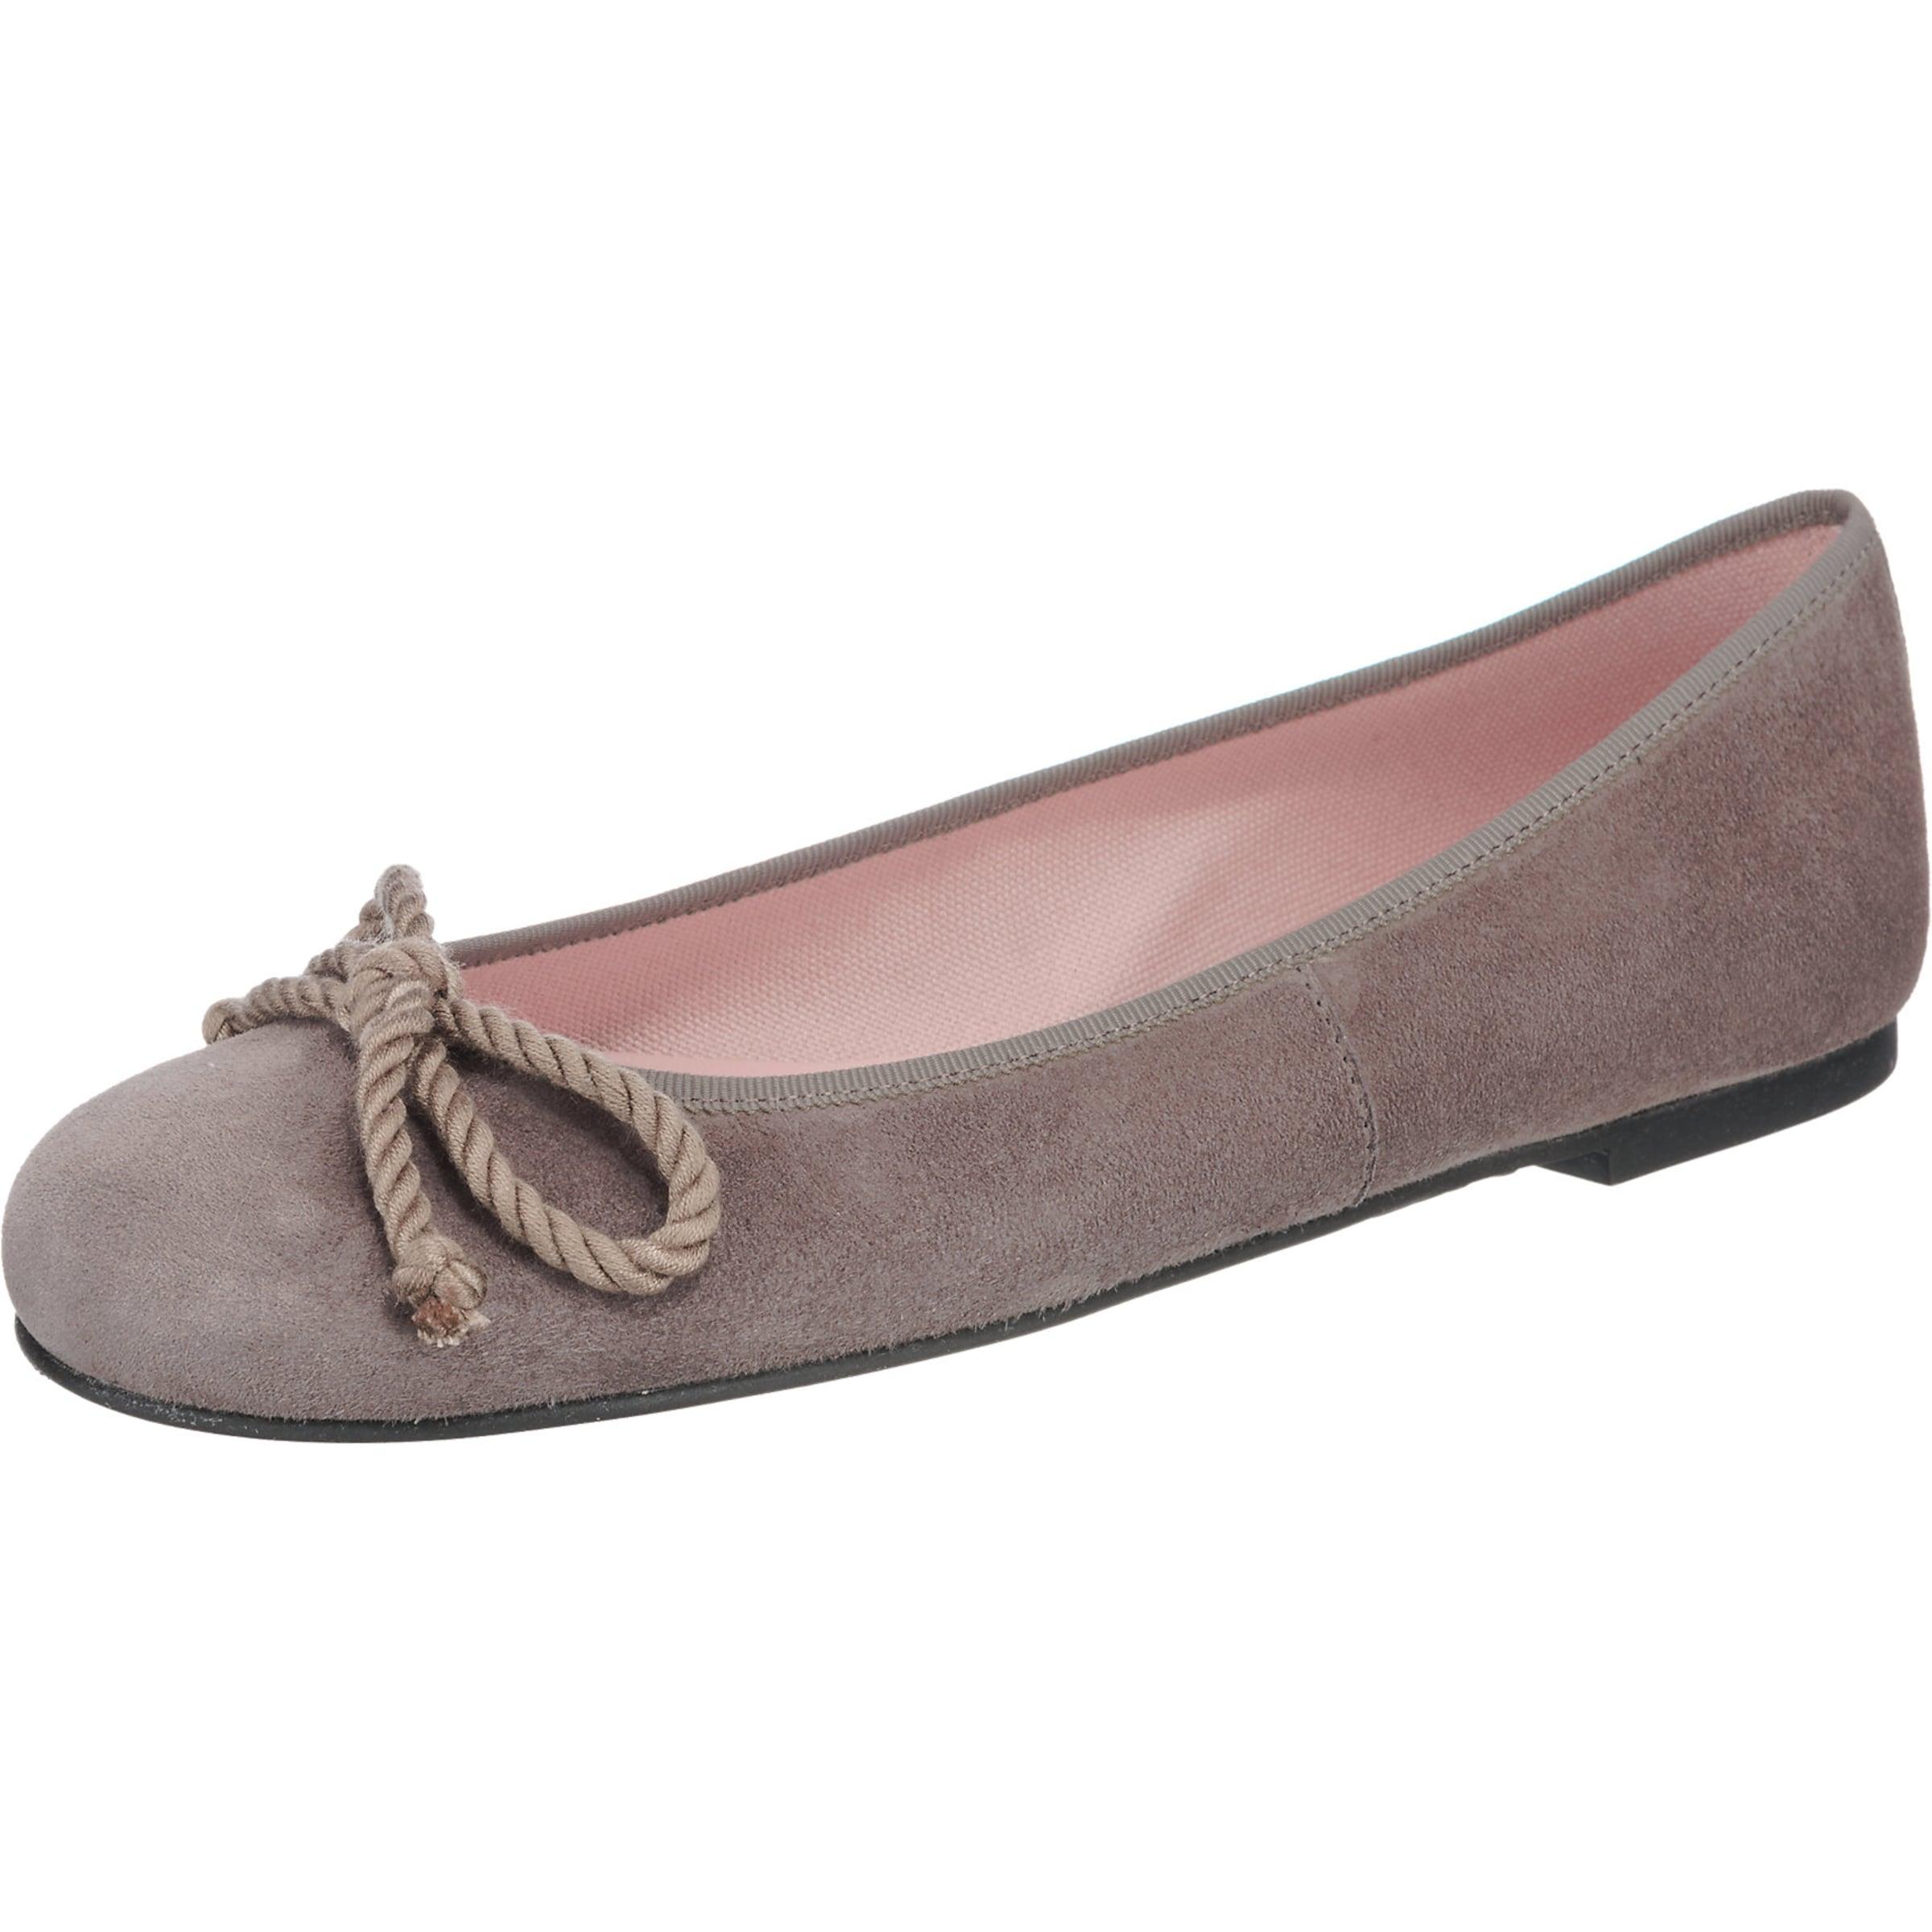 PRETTY BALLERINAS Ballerinas Angelis Verschleißfeste billige Schuhe